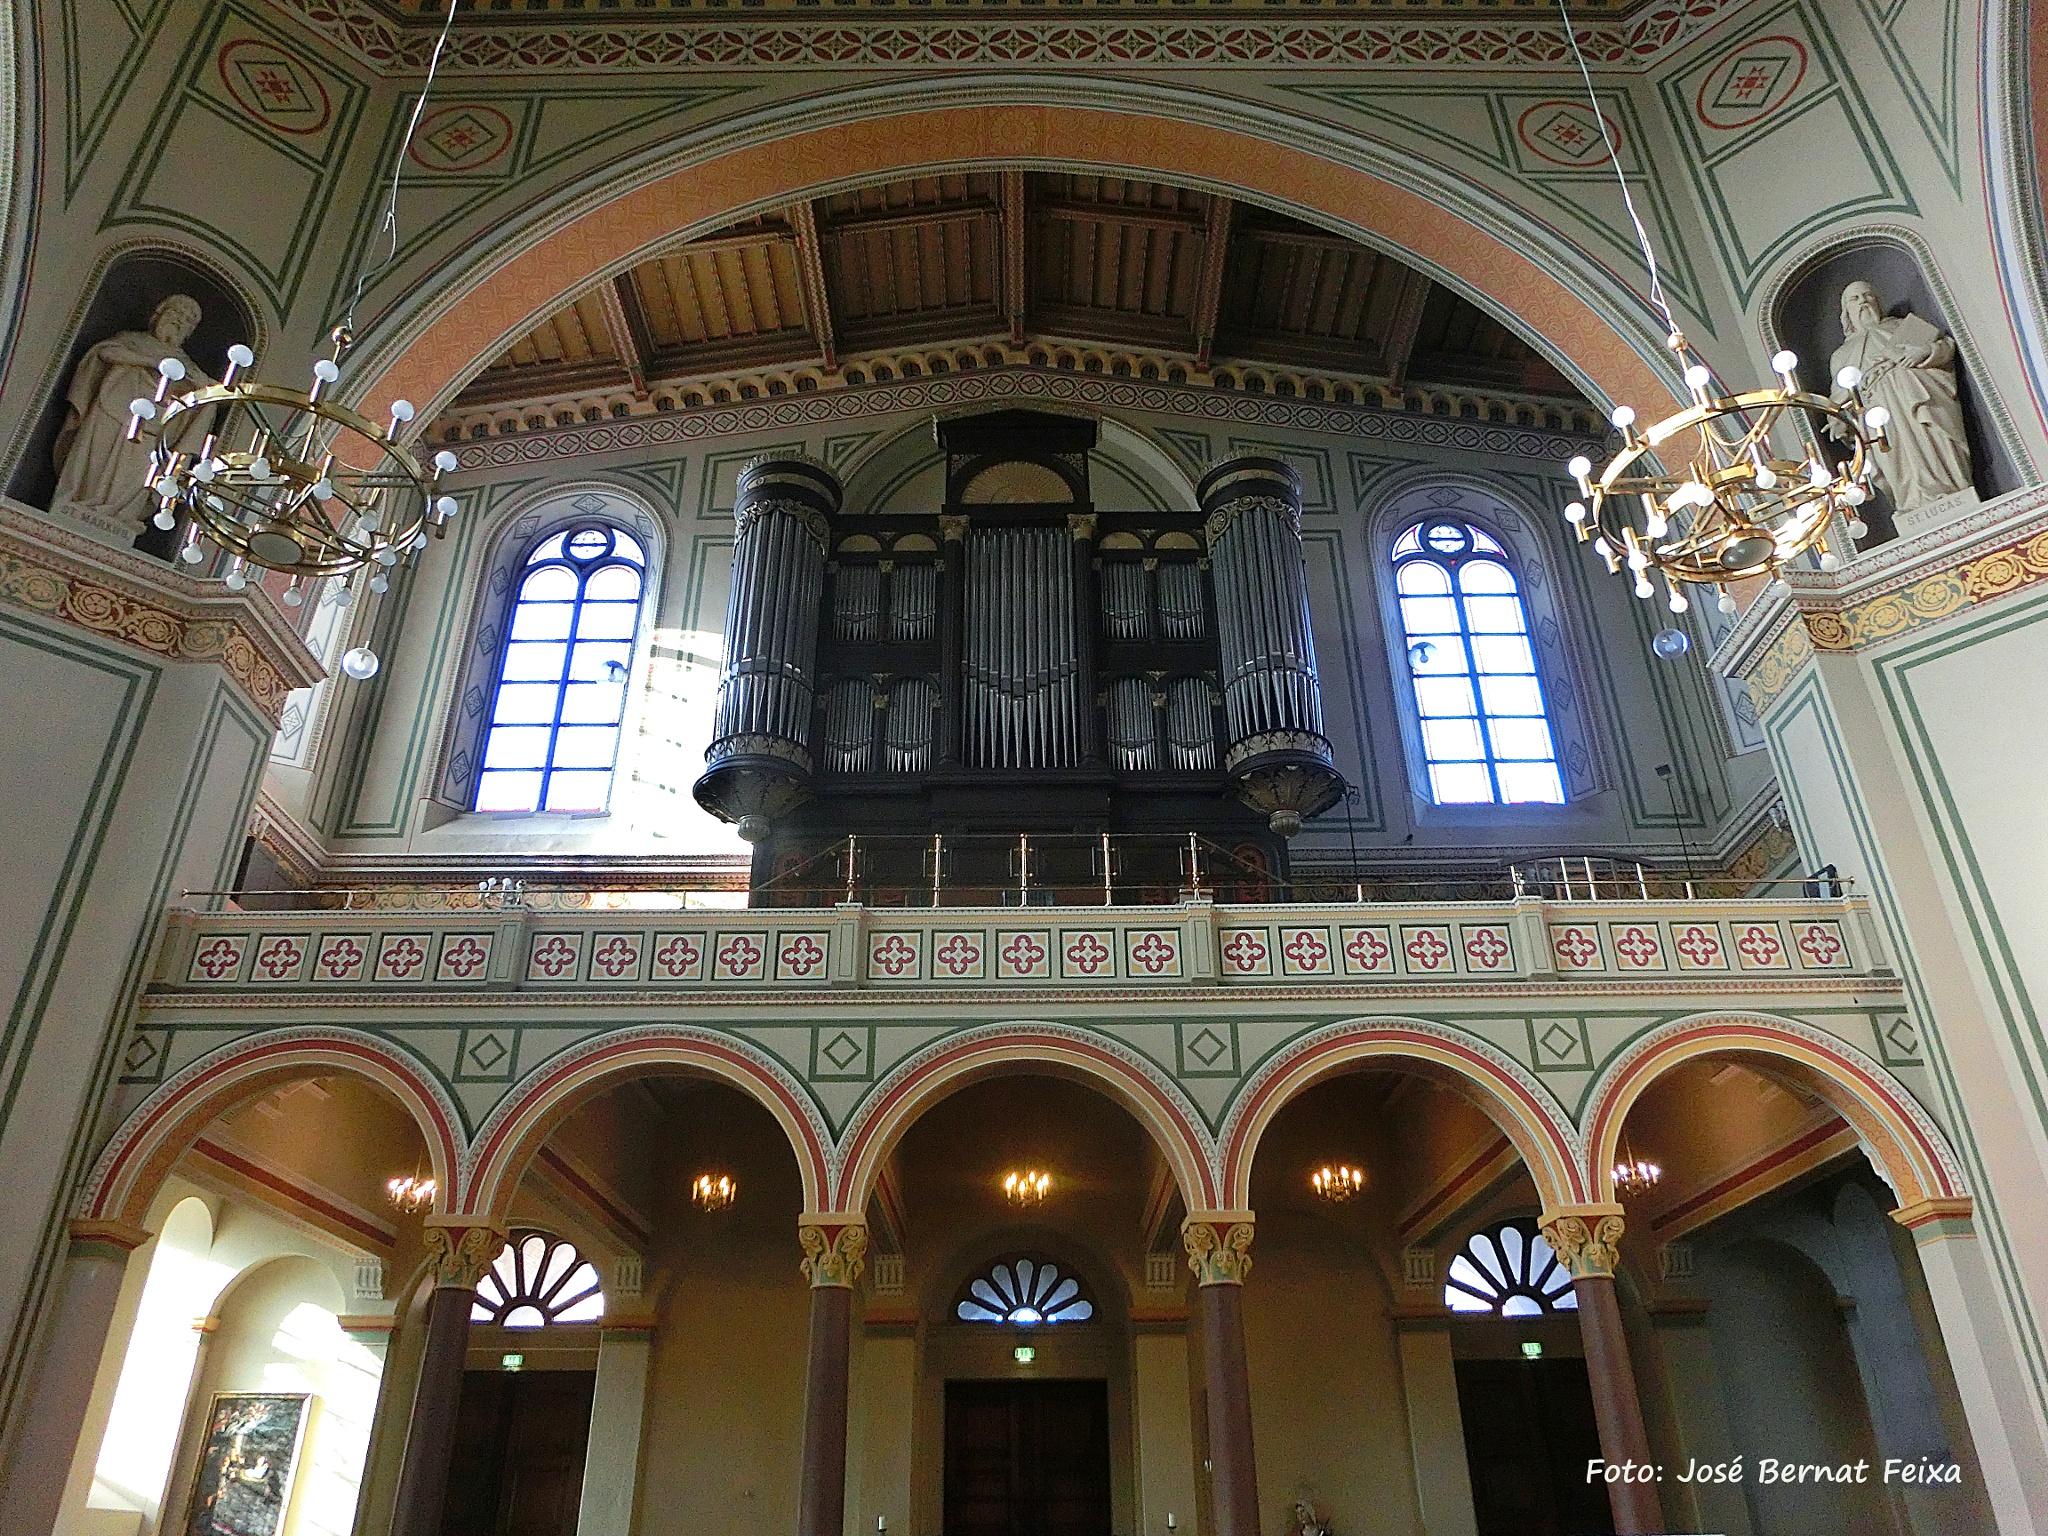 Interior  Kirche St. Peter und Paul, Potsdam by José Bernat Feixa